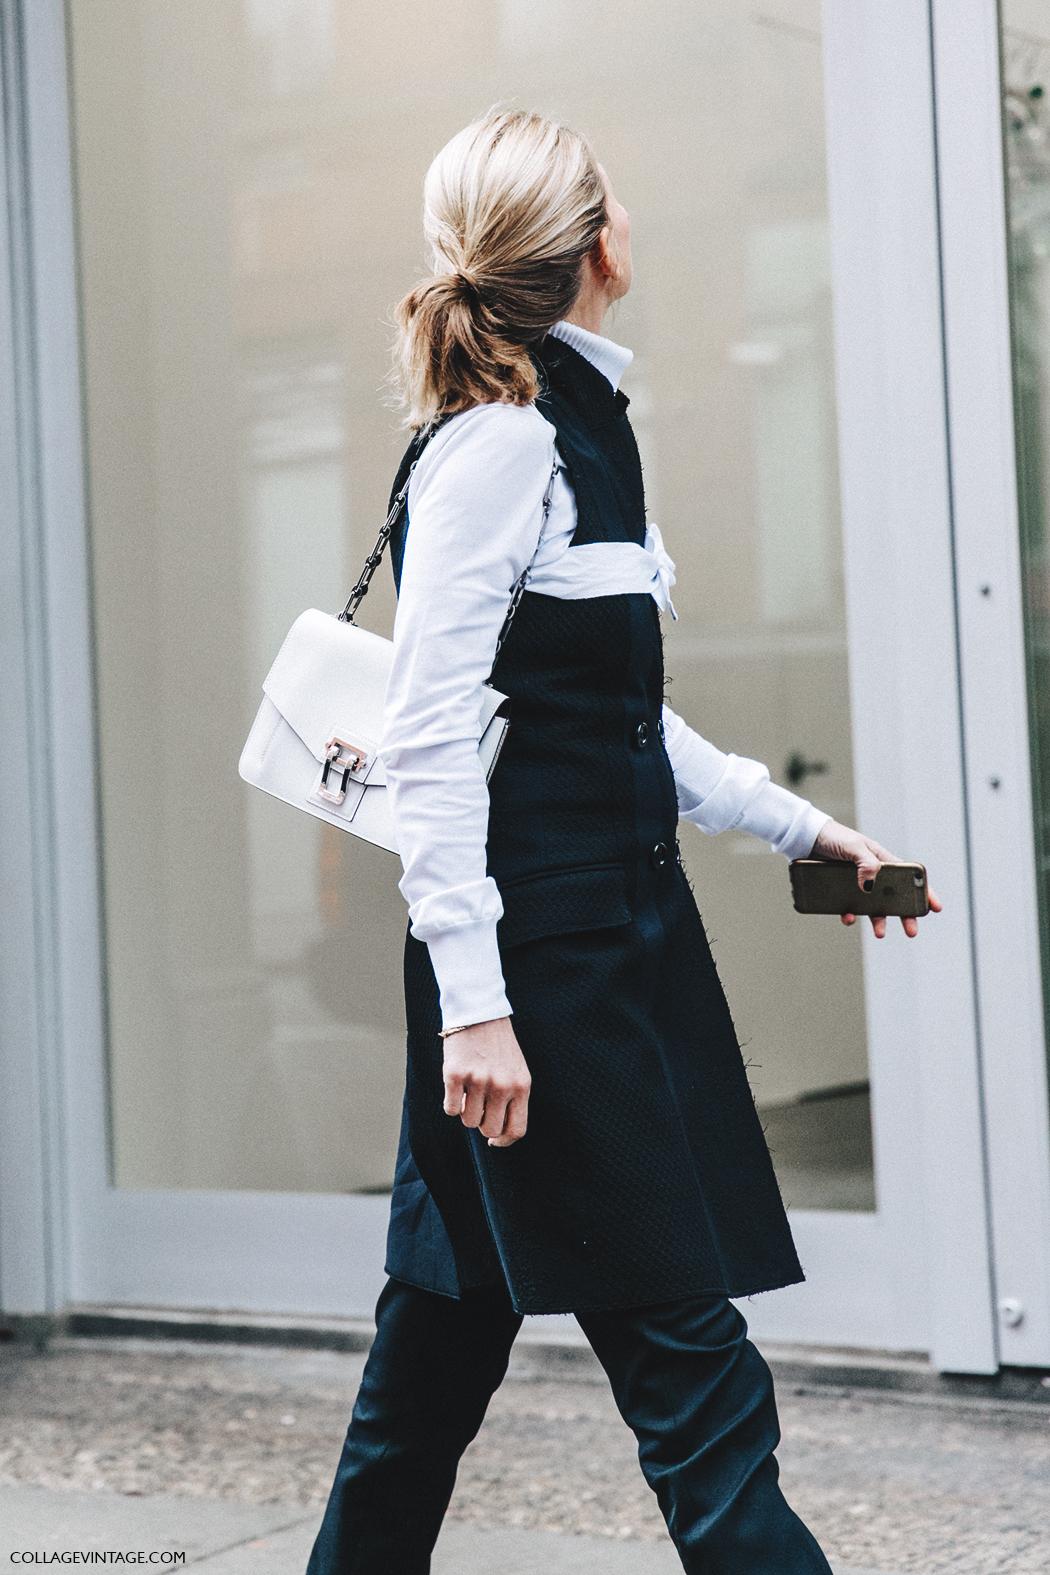 NYFW-New_York_Fashion_Week-Fall_Winter-17-Street_Style-Elisabeth_Von-